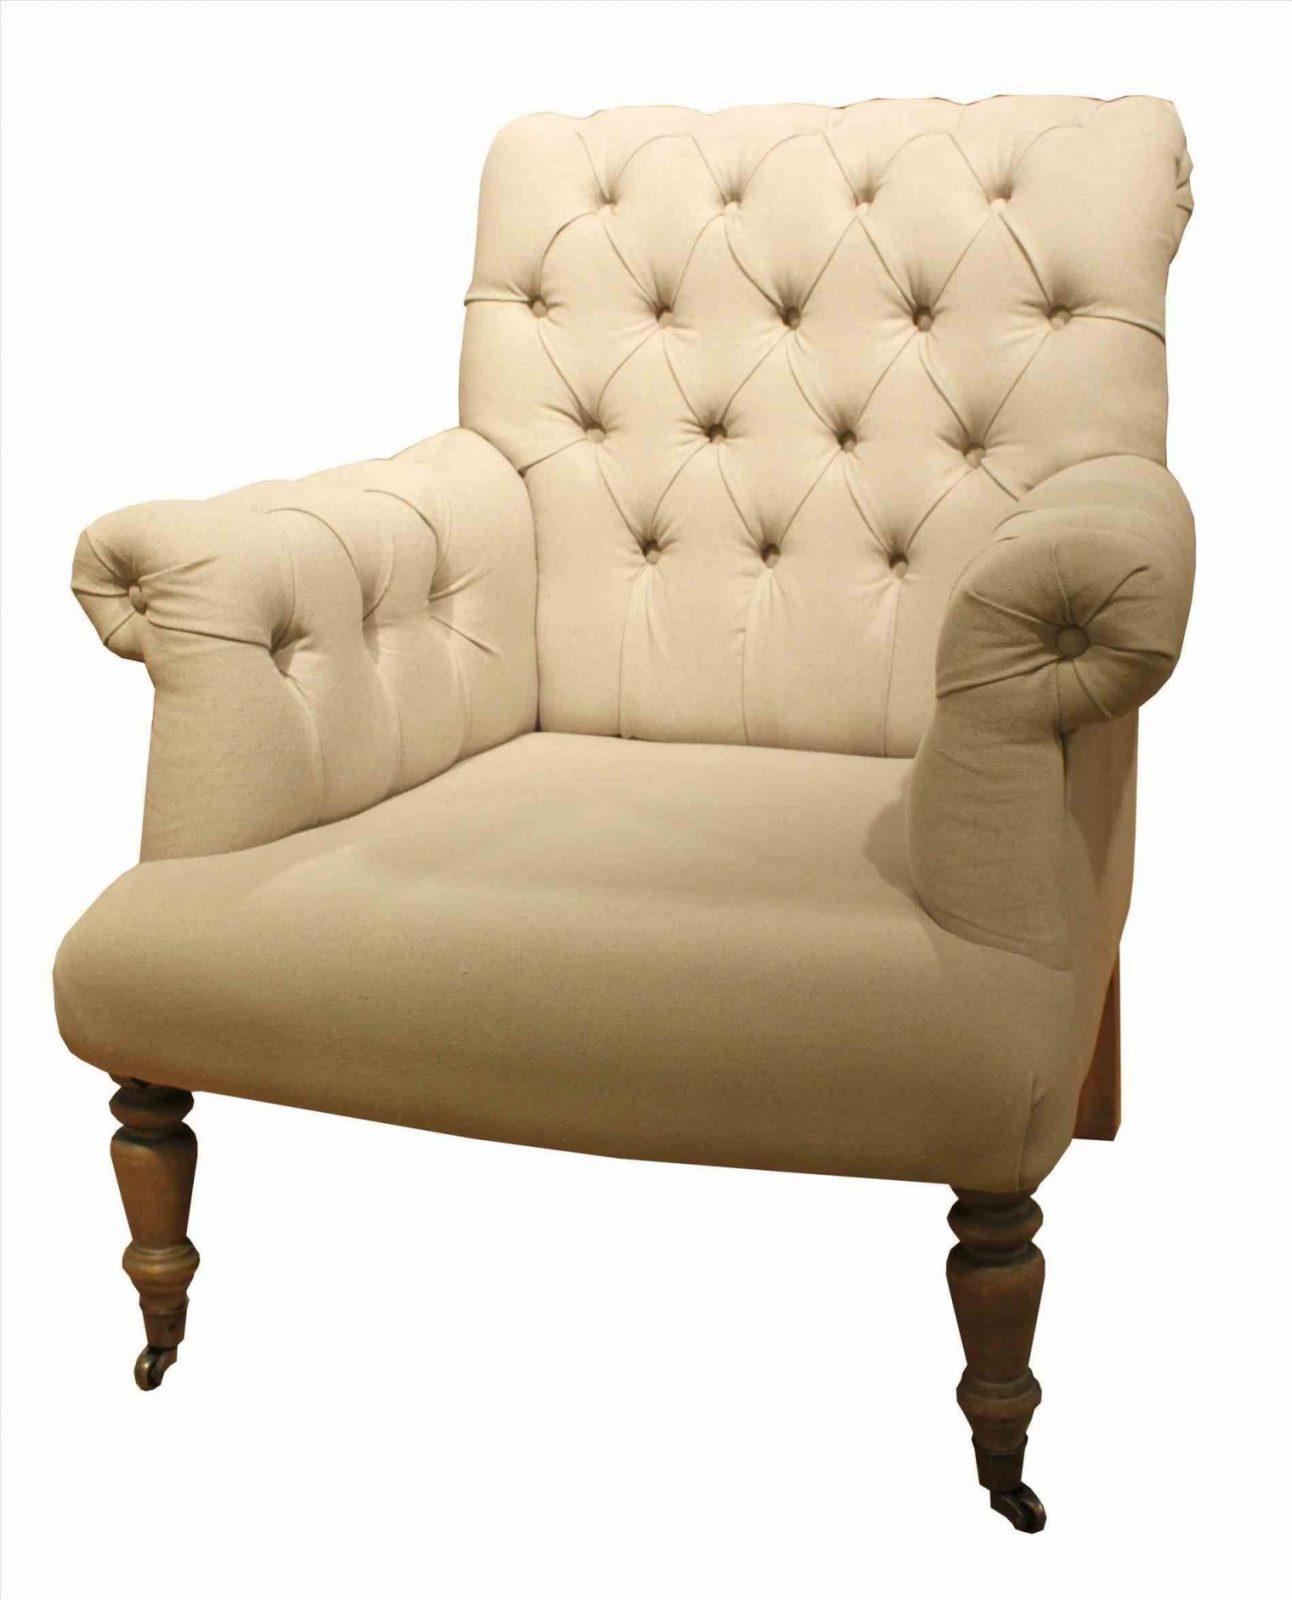 Sessel Bequemen Ledersessel Billig Akzent Stühle Mit Armlehnen von Wohnzimmer Sessel Mit Armlehne Photo